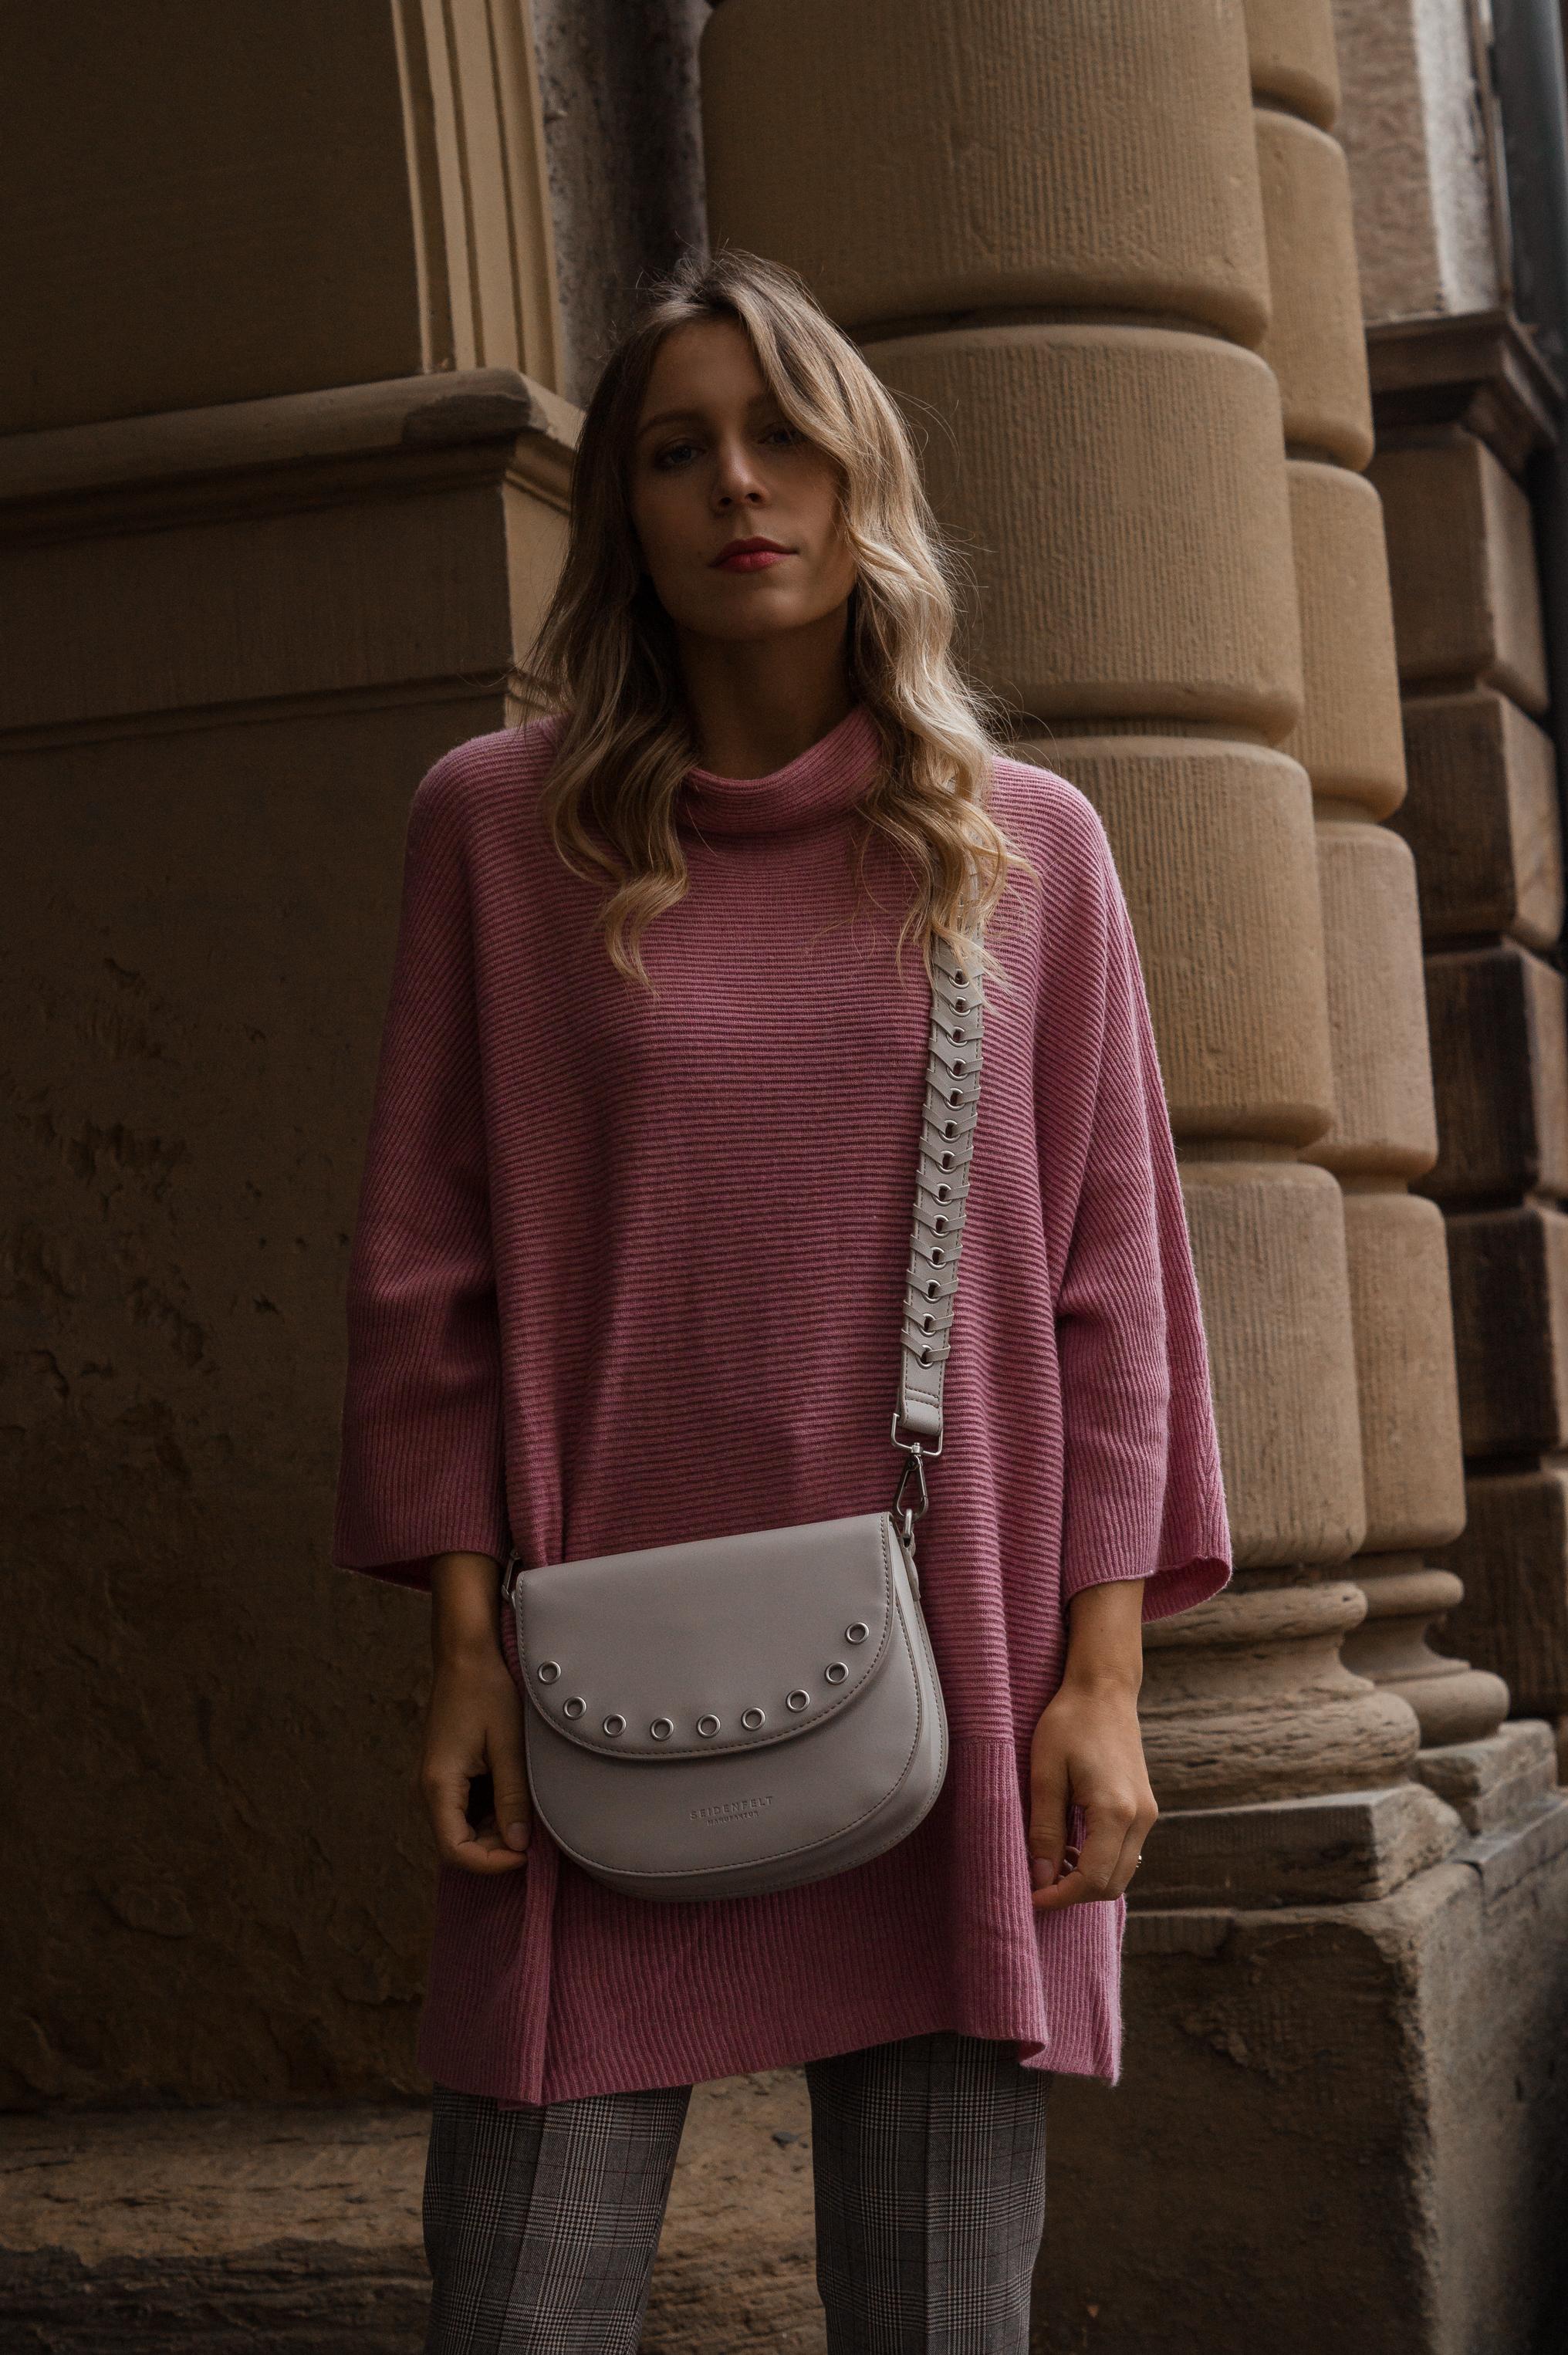 Instagram-Frust Seidenfelt Tasche Modeblogger Heidelberg Sariety Fashionblog Sarah Schäfer karierte Hose rote Lackschuhe_2